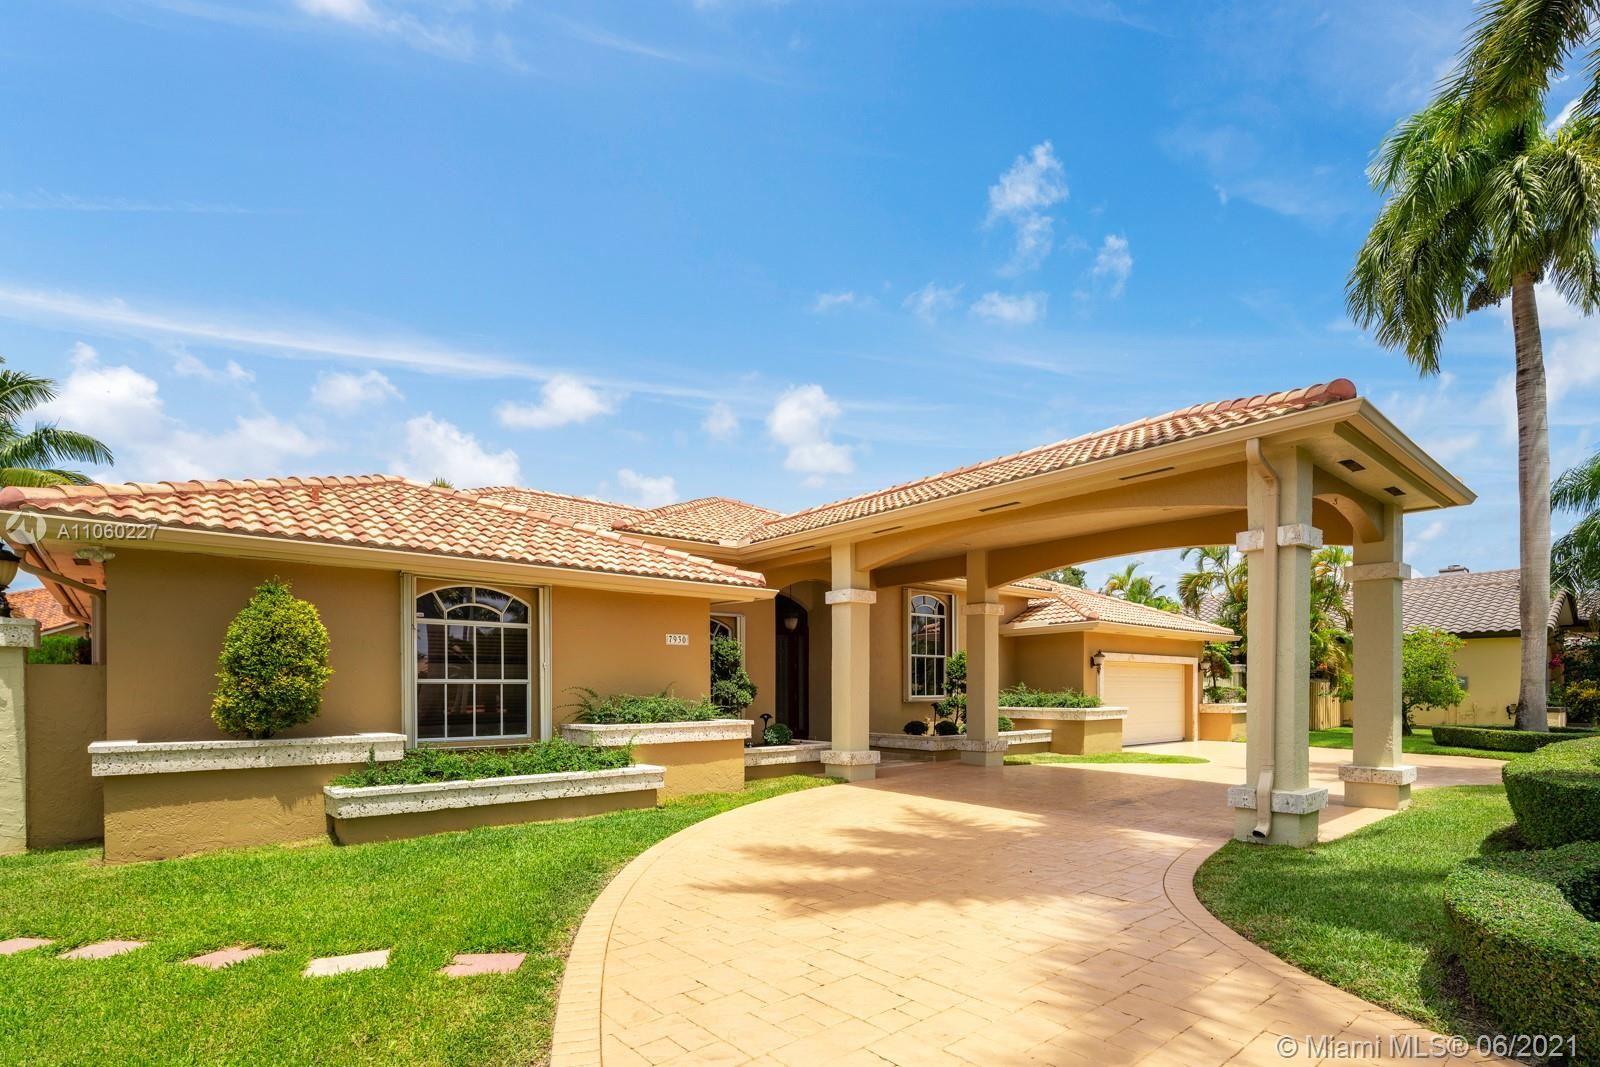 7930 SW 120th Pl, Miami, FL 33183 - #: A11060227